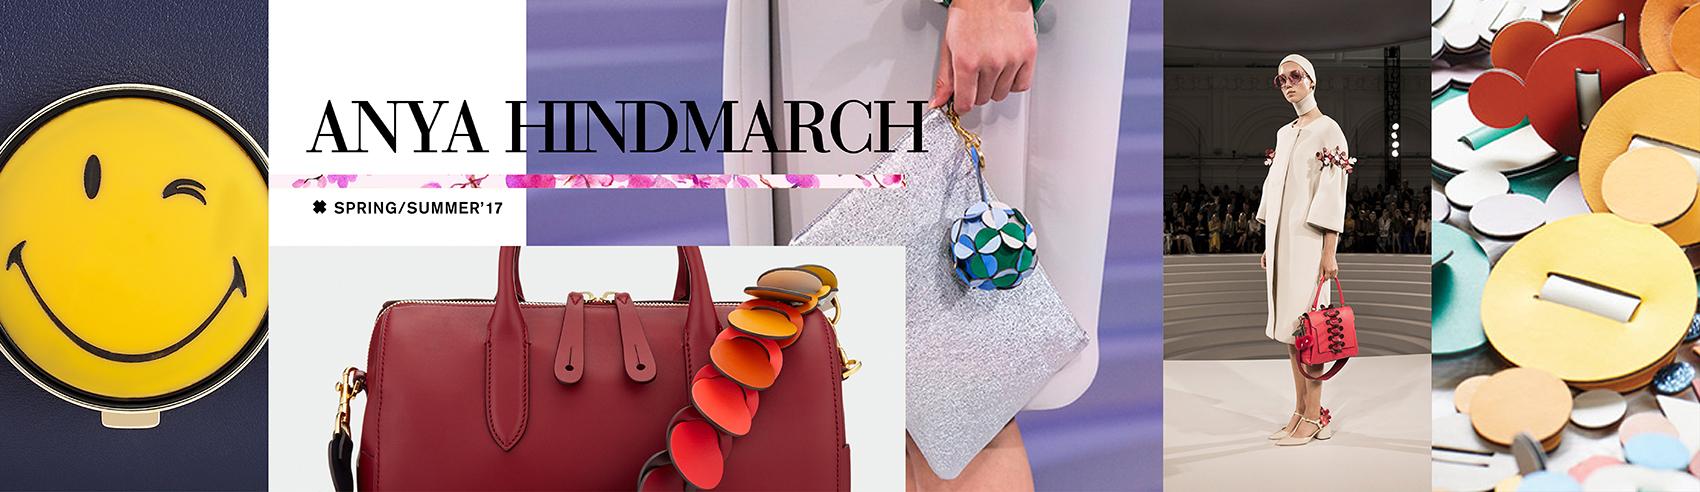 Bolsos y complementos de Anya Hindmarch para del rosa al amarillo